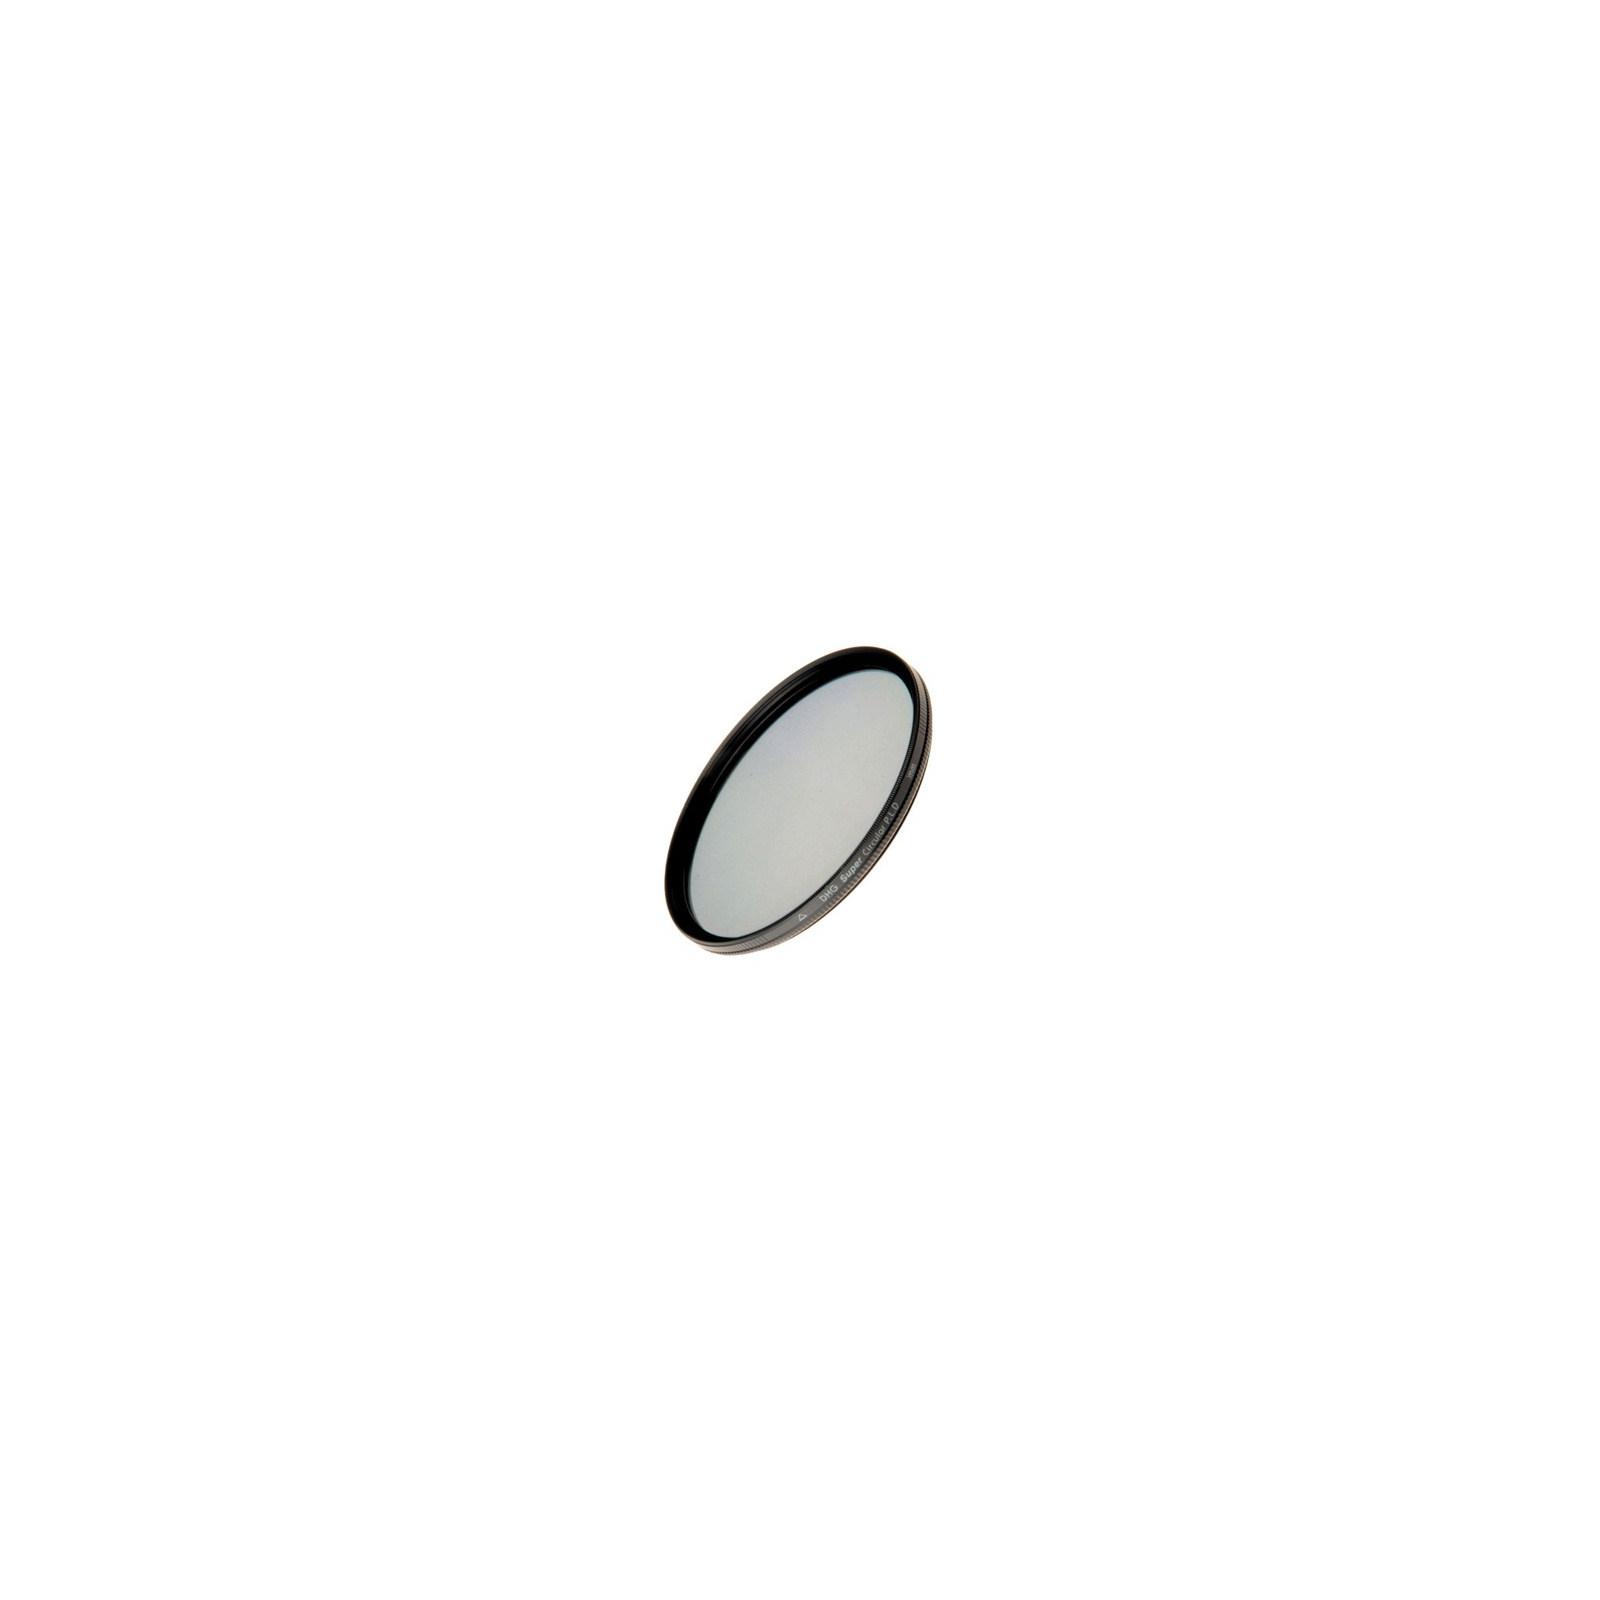 Светофильтр Marumi DHG Super Circular PL(D) 82mm